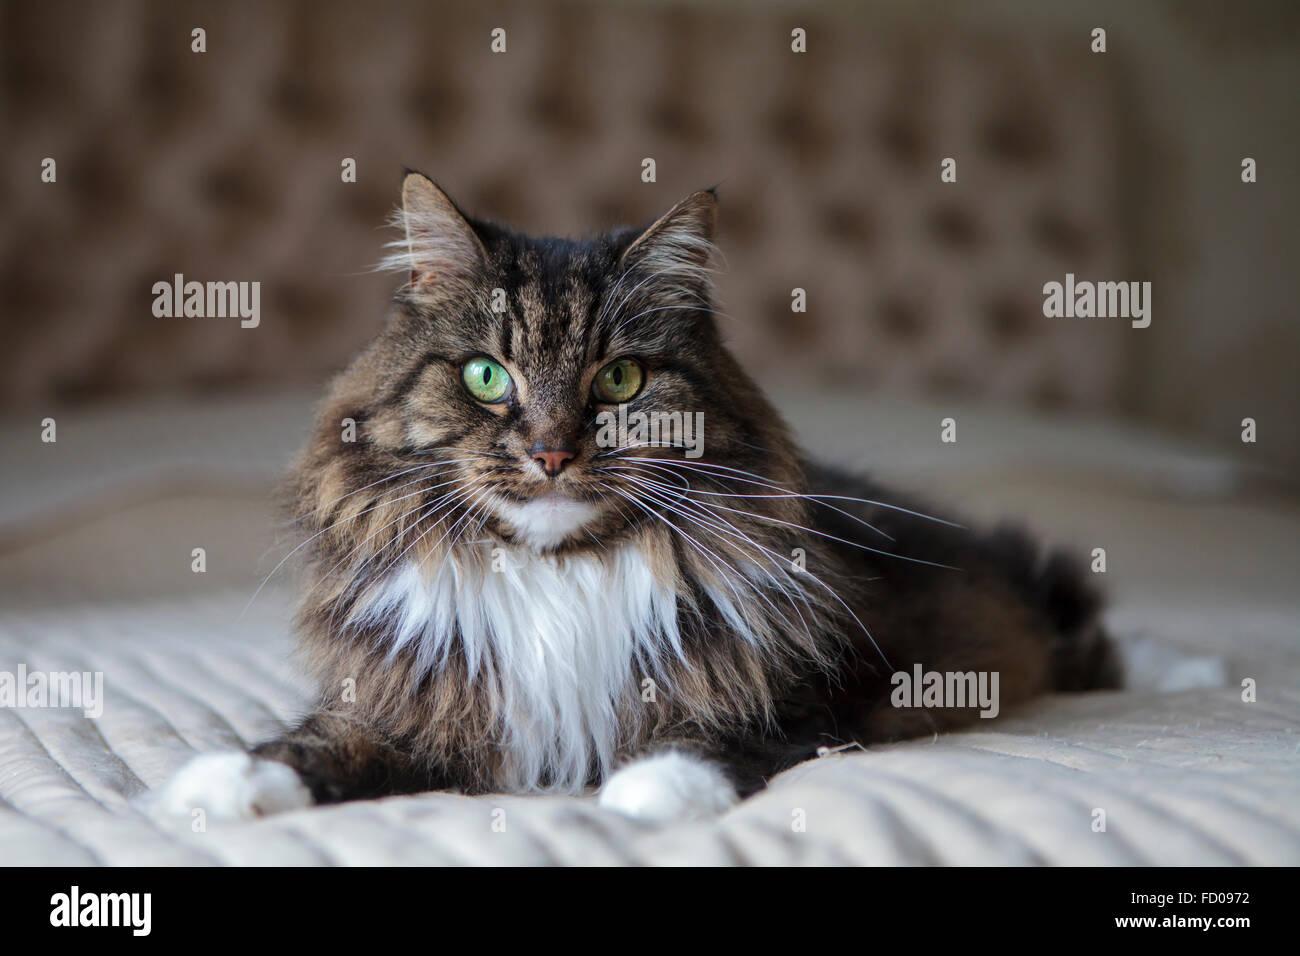 Capelli lunghi cat sul letto Foto Stock